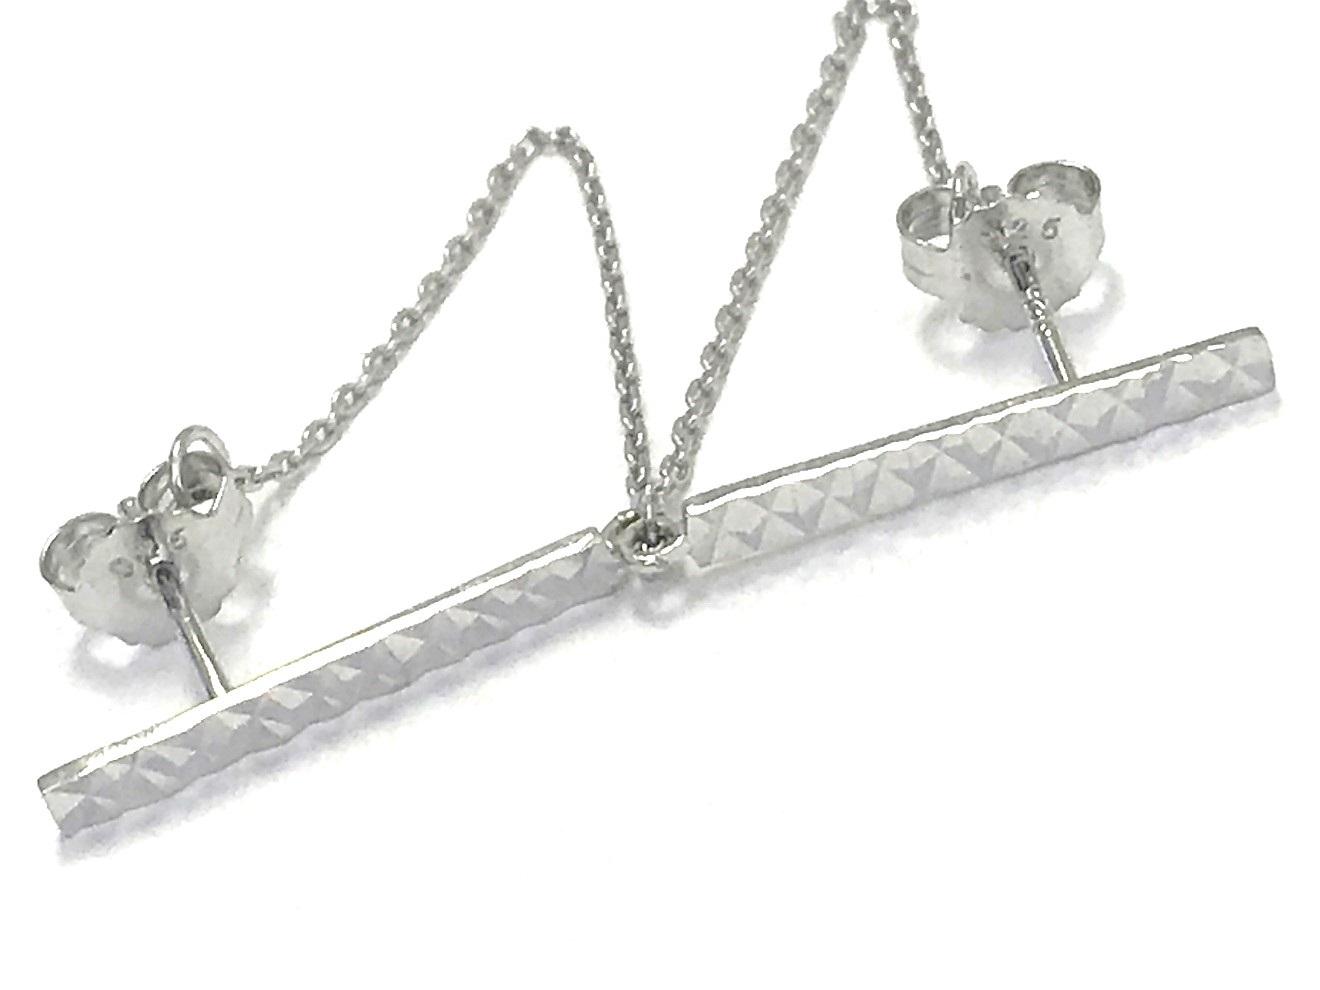 Boucles d'oreilles barre et chaîne - Argent sterling